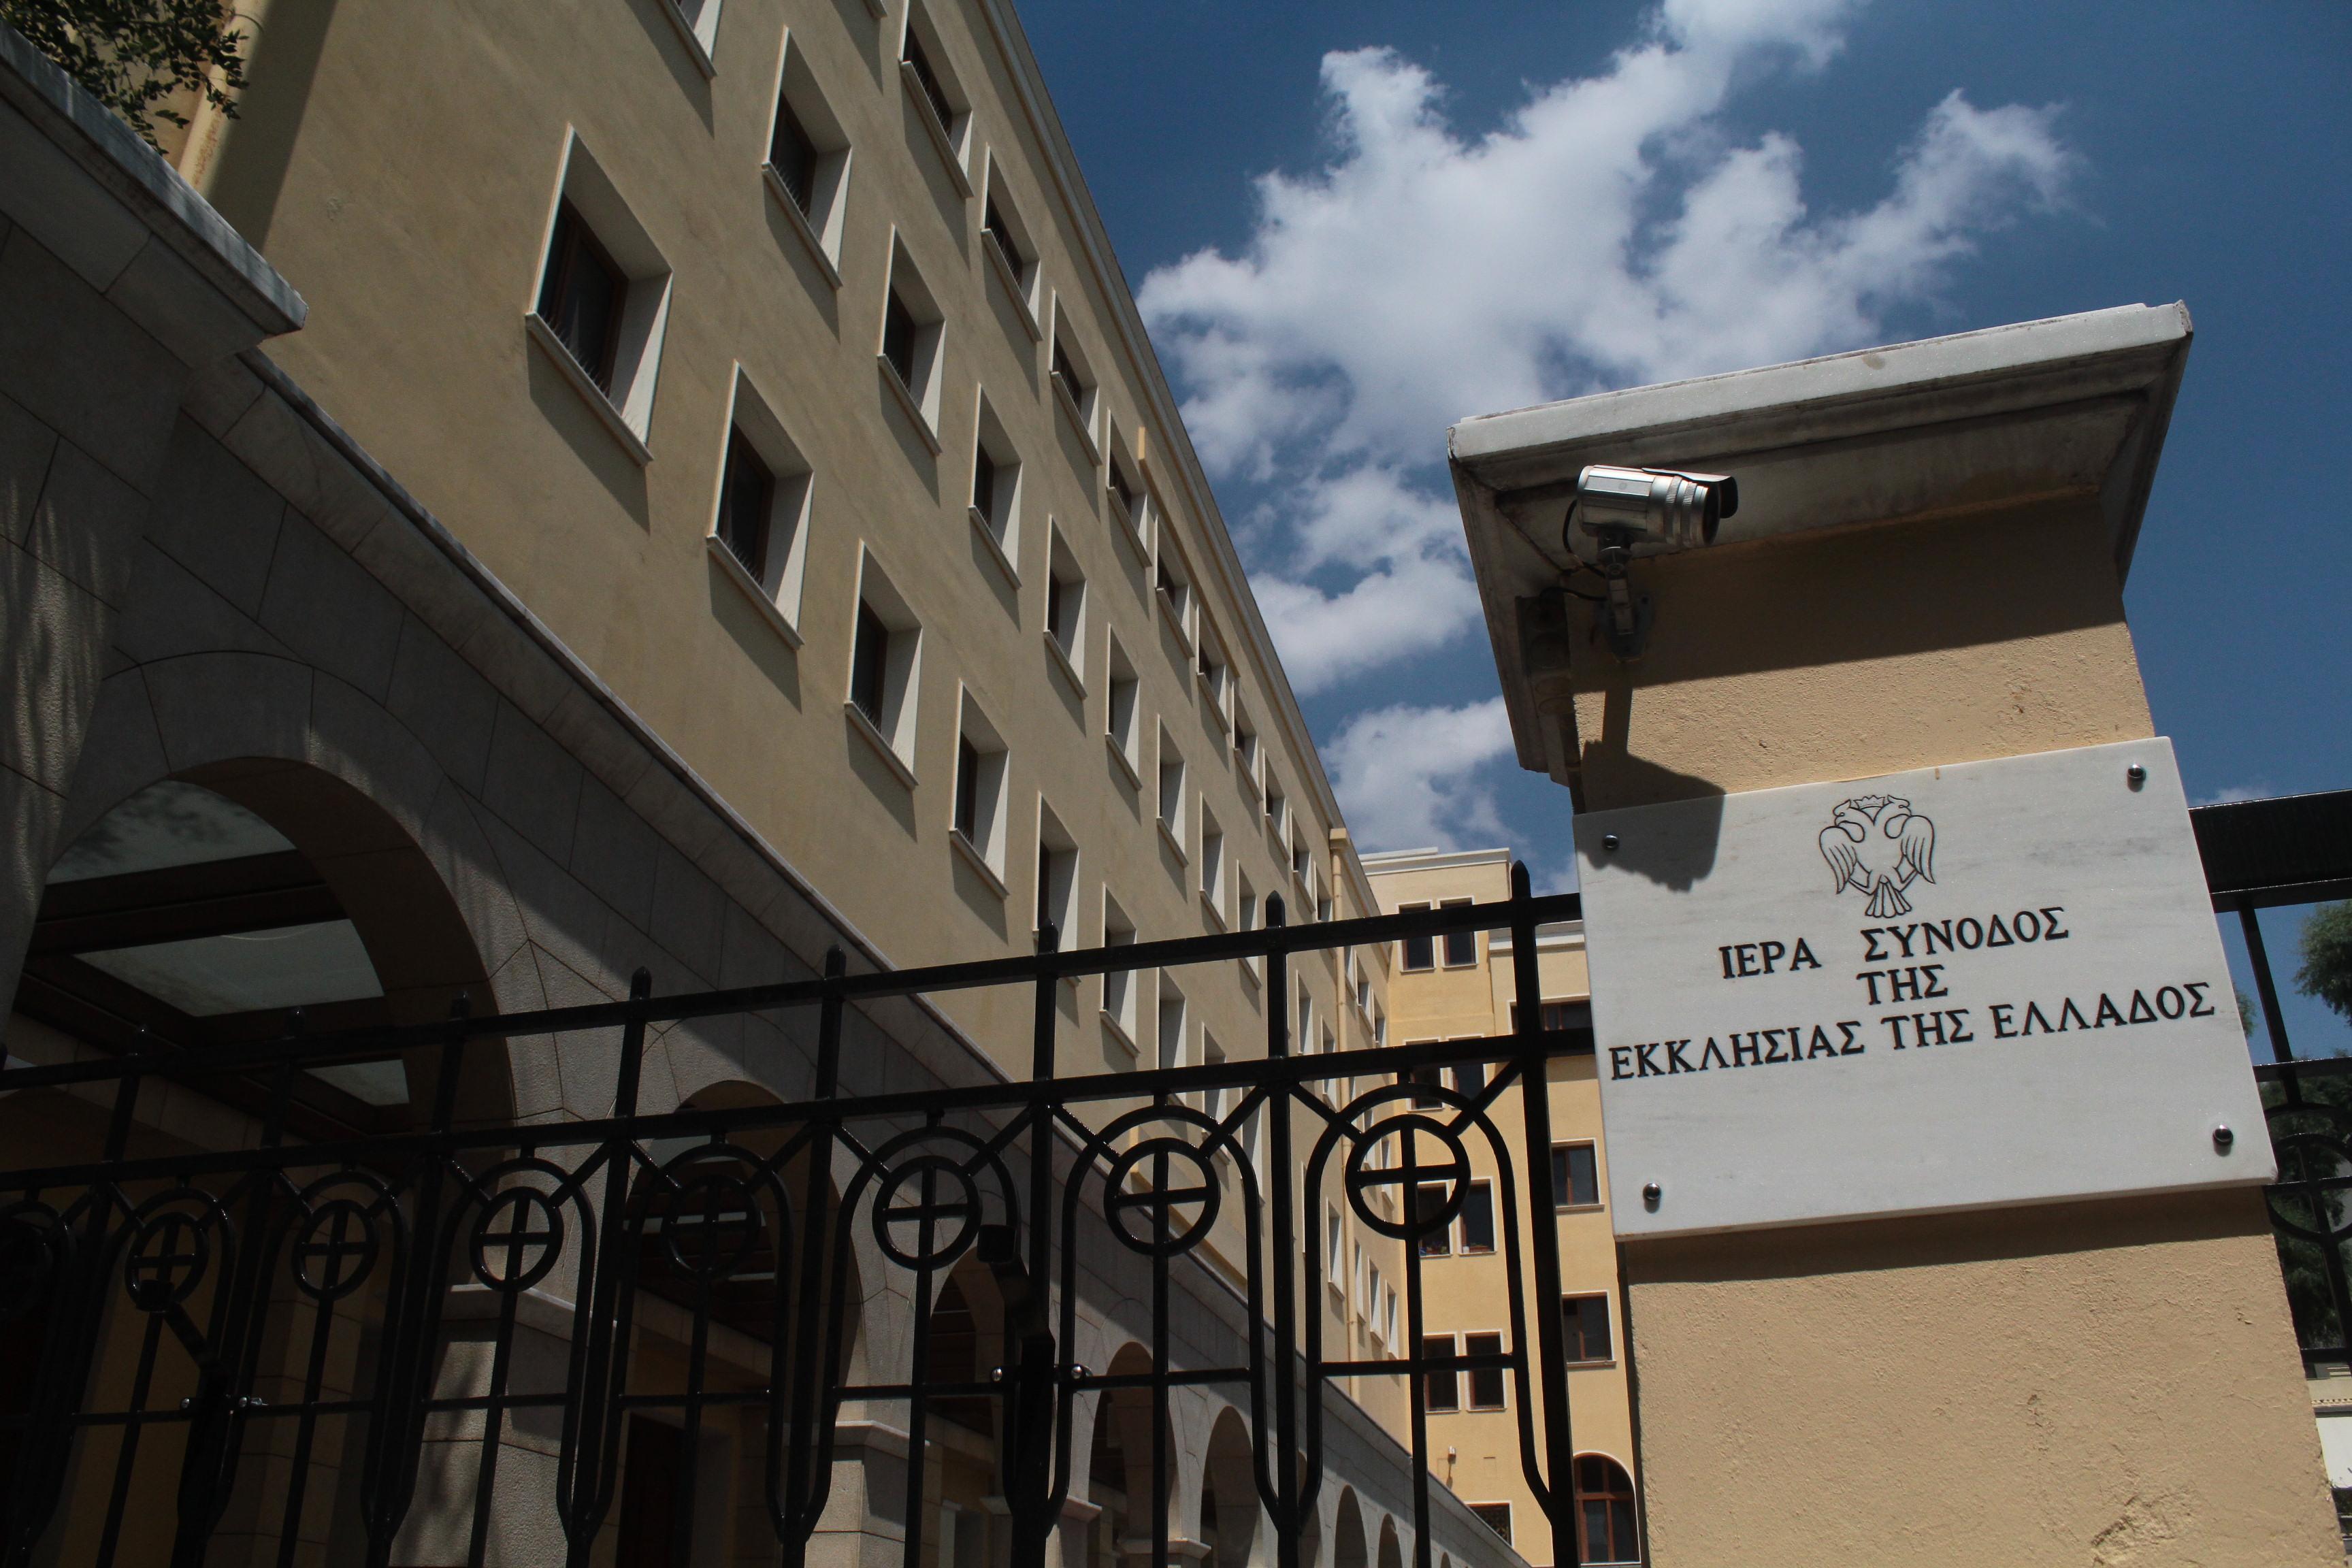 Αντίθετη η Ιερά Σύνοδος στην αναδοχή παιδιών από ομόφυλα ζευγάρια   tovima.gr